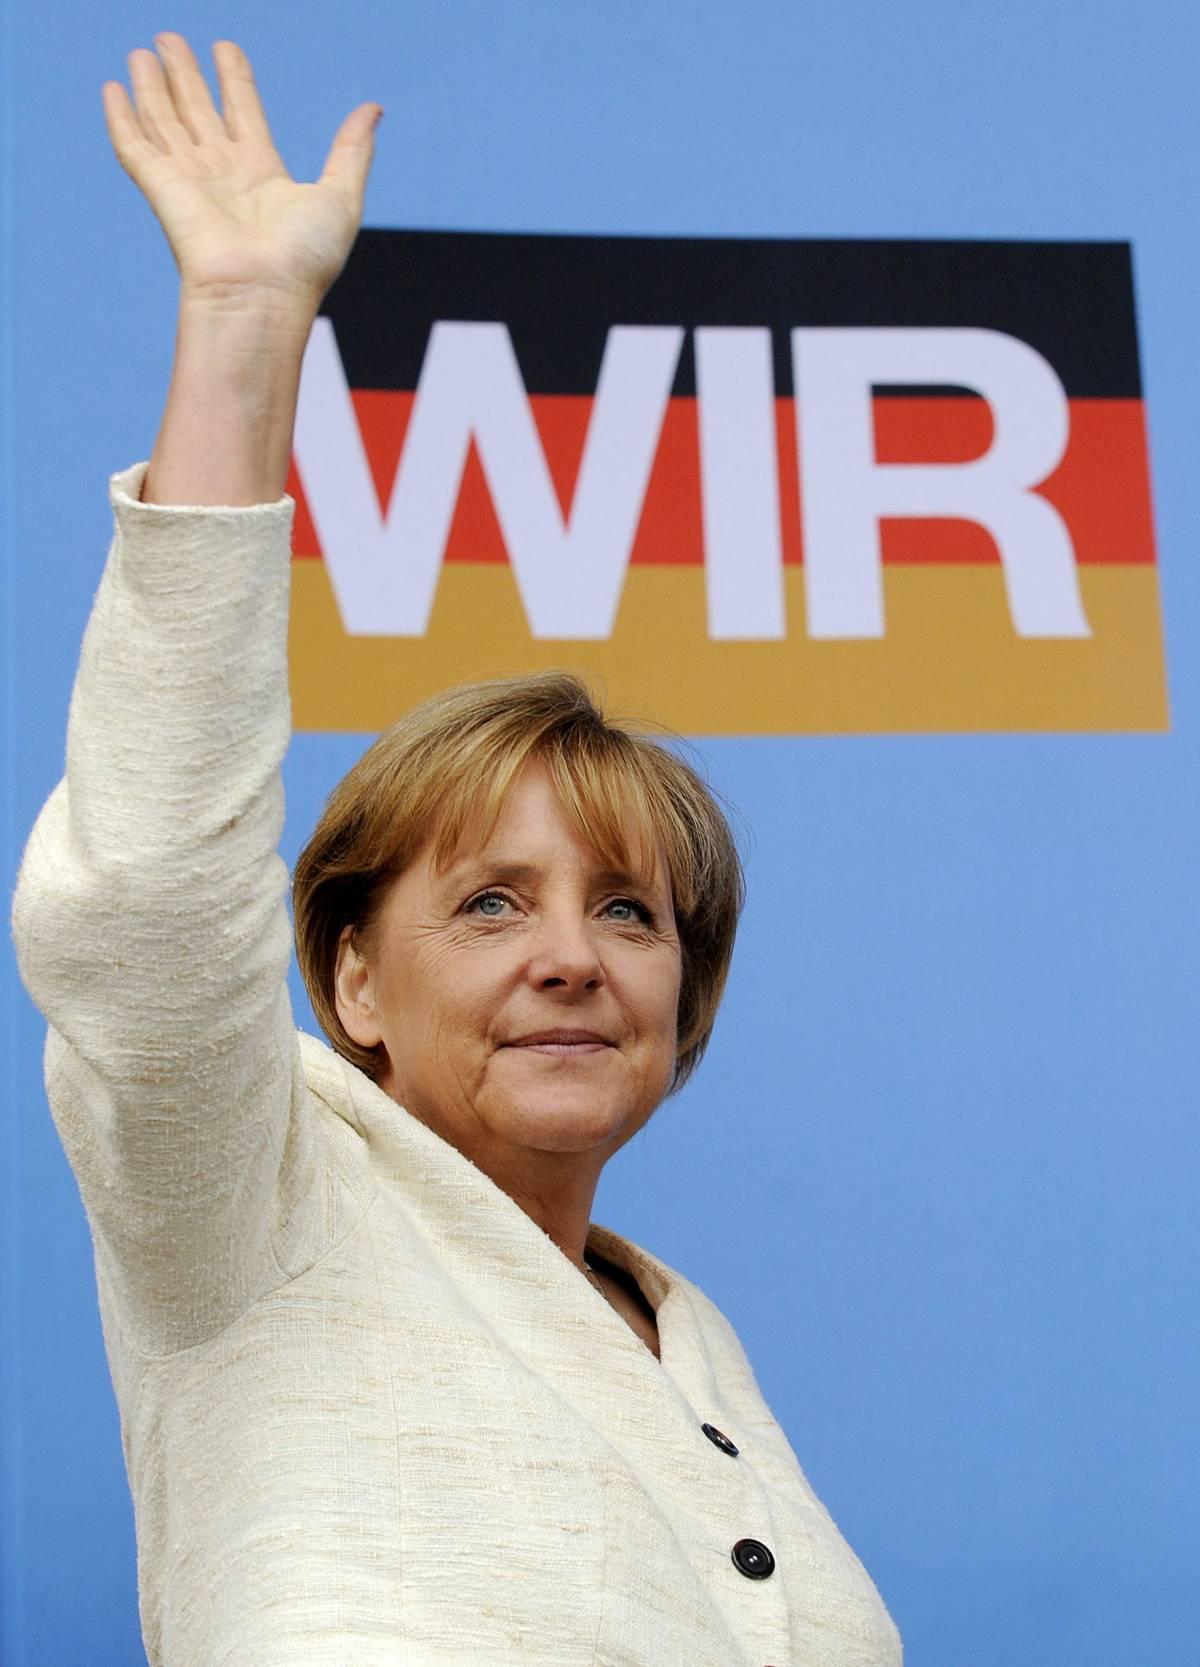 """Forbes: Merkel la donna più potente  E Marina Berlusconi """"batte"""" Michelle"""